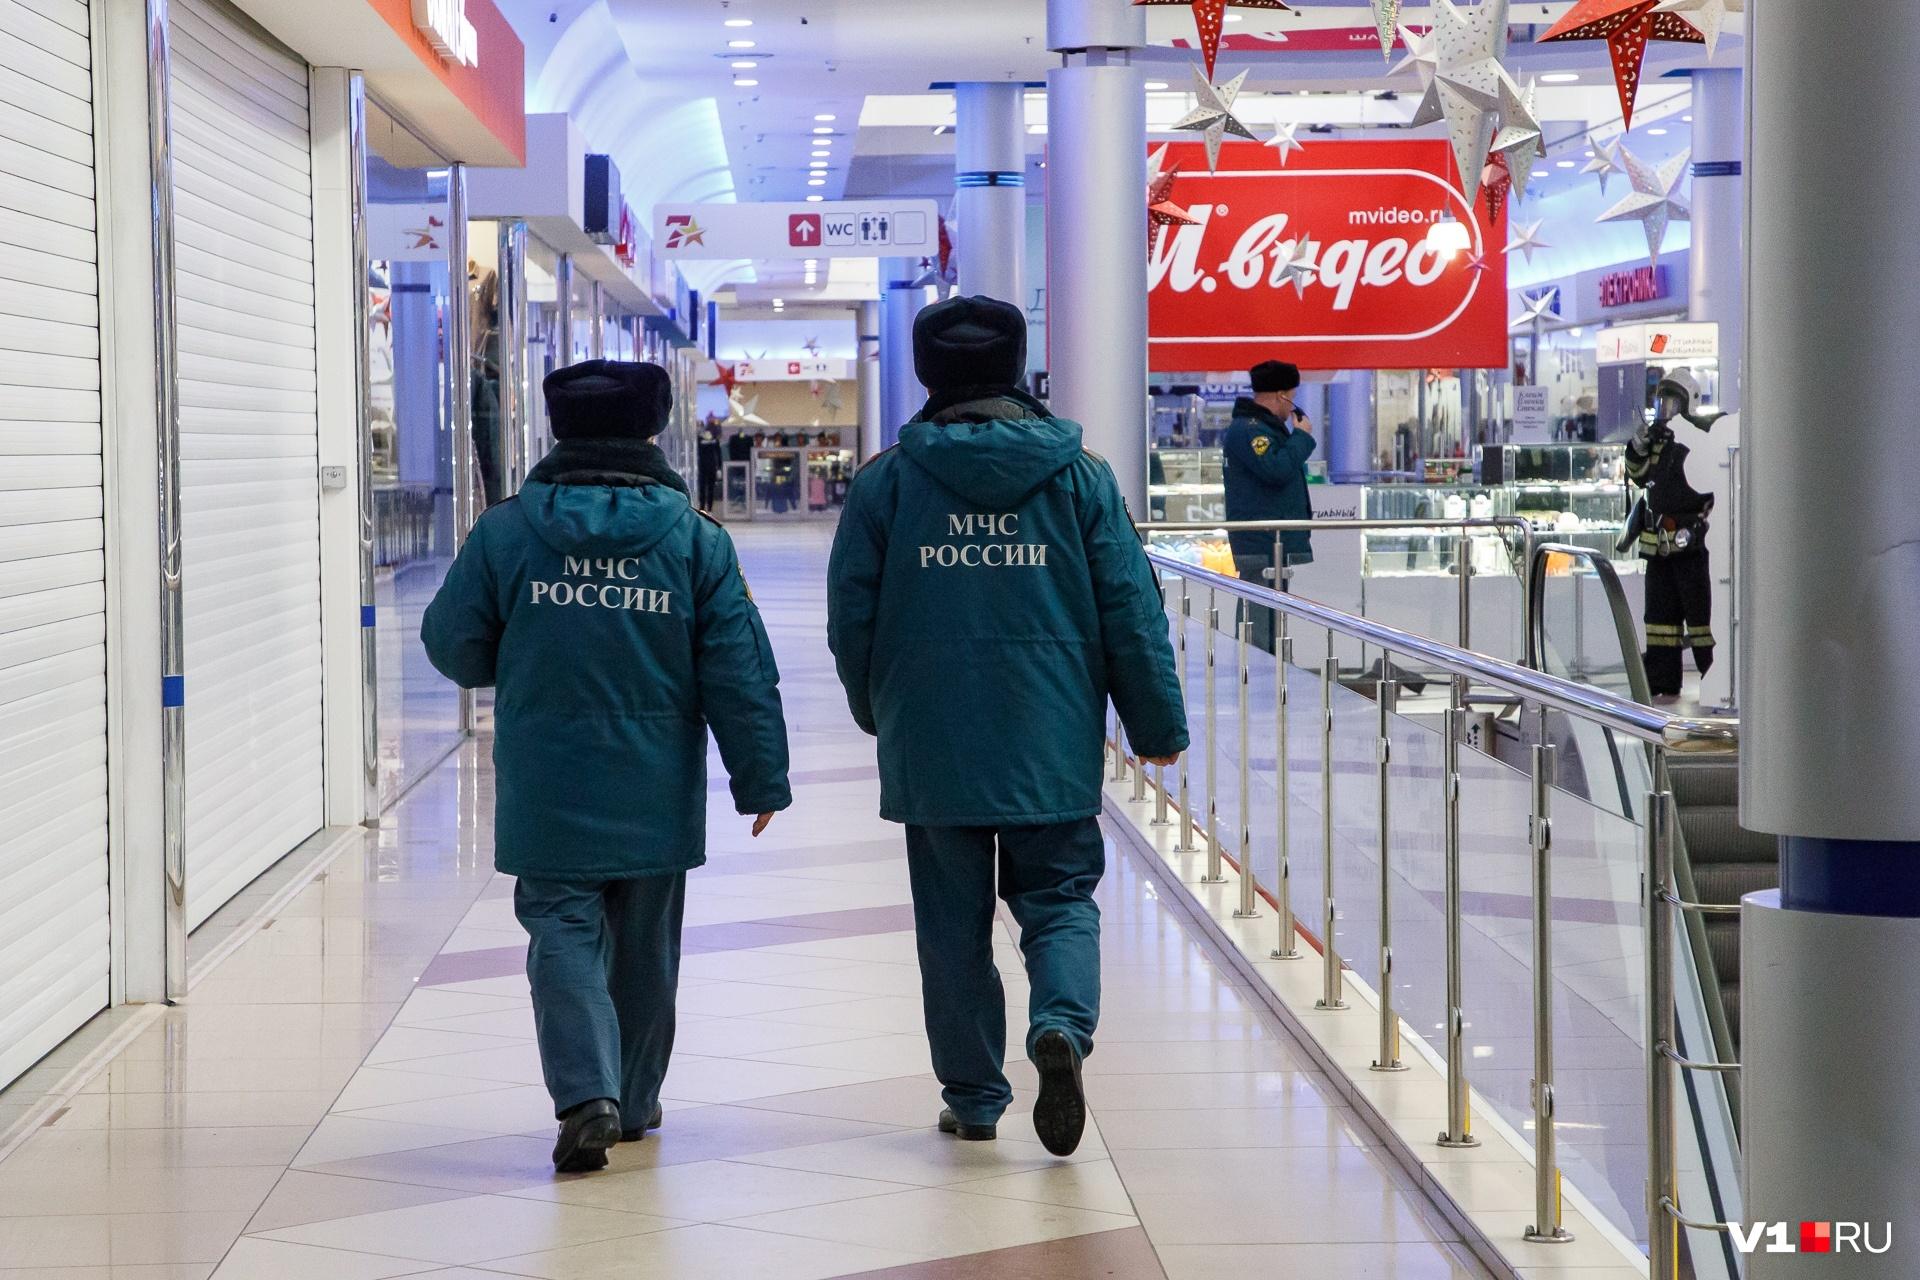 Закон о безопасности торговых центров не могут принять уже второй год, хотя его необходимость после трагедии в Кемерове очевидна